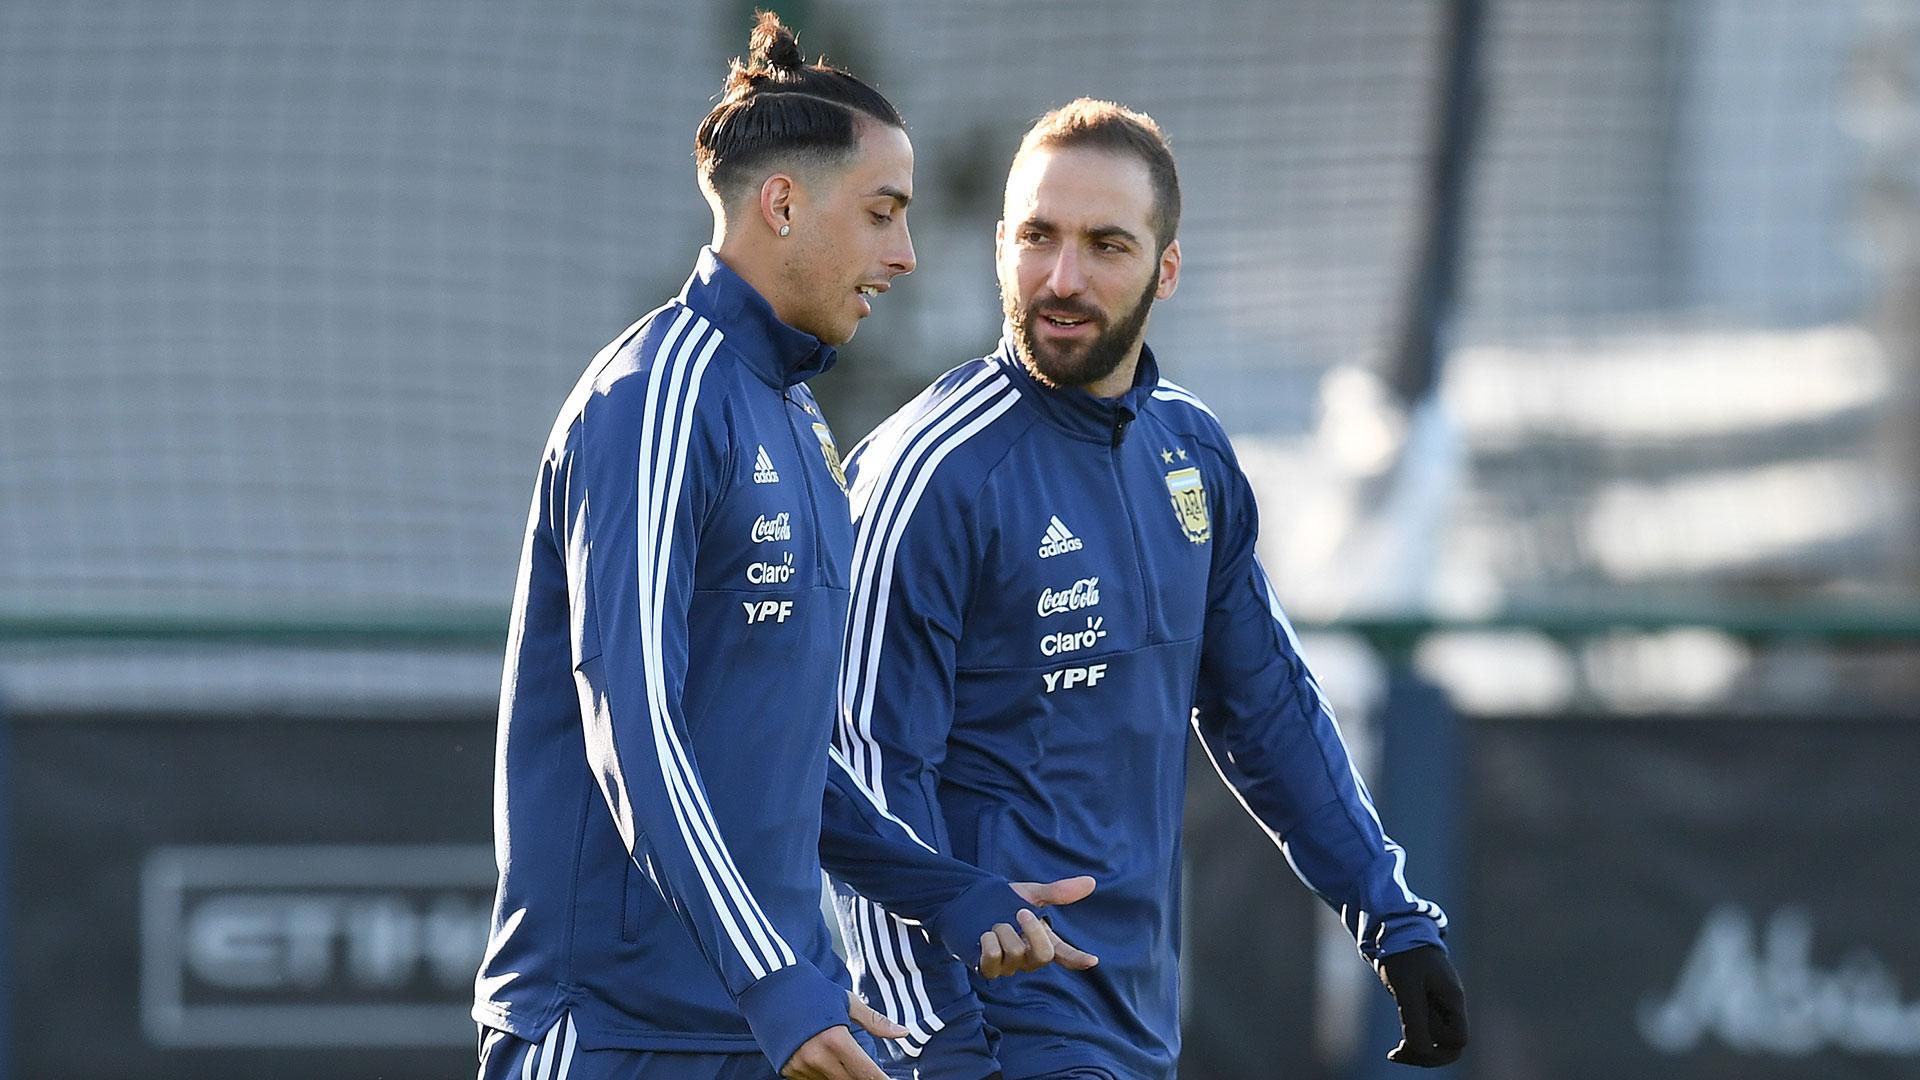 """El """"Mellizo"""", que sufrió la rotura en los ligamentos de la rodilla izquierda ante Bolivia en la era Bauza, tendrá su chance para demostrar que merece ir a la Copa del Mundo"""